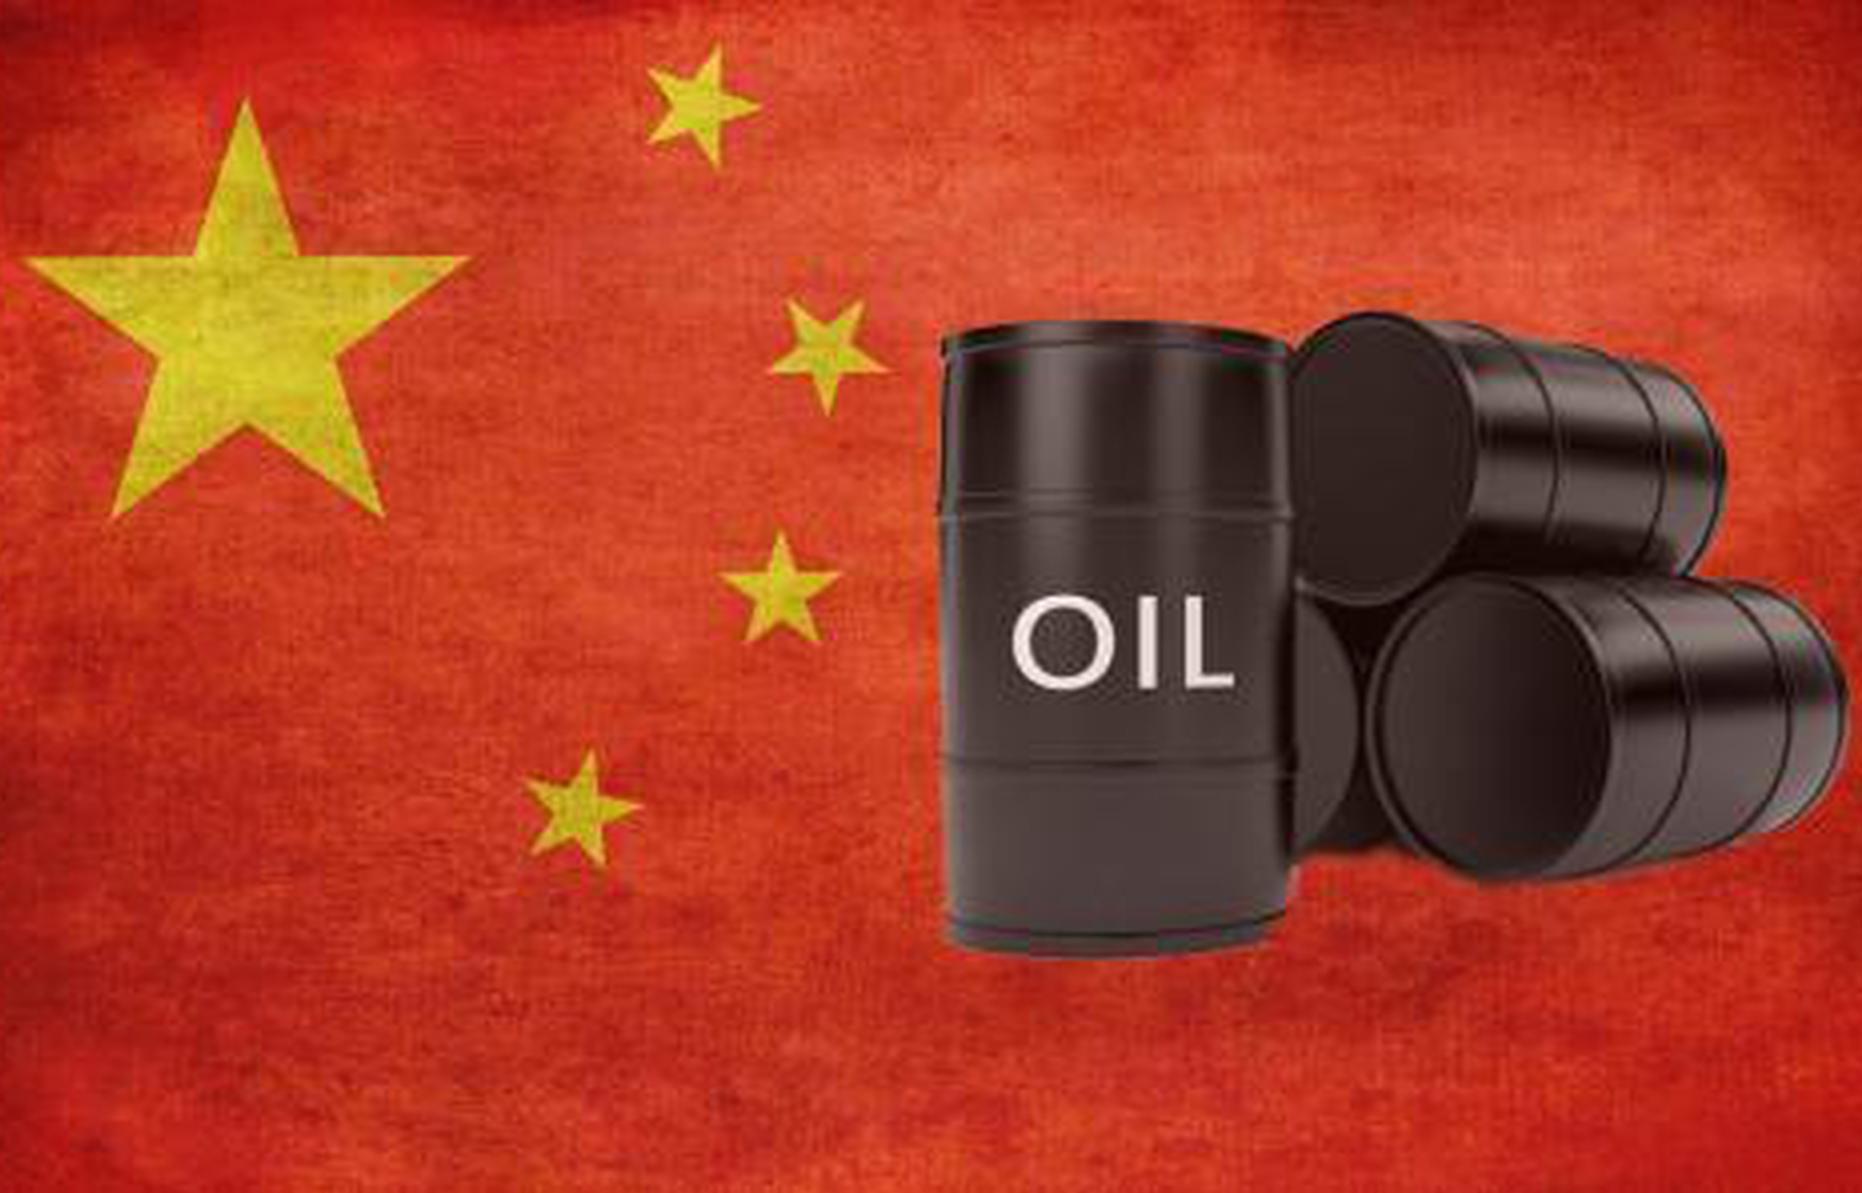 伊朗断供?炒交割?赌贬值?原油涨停!